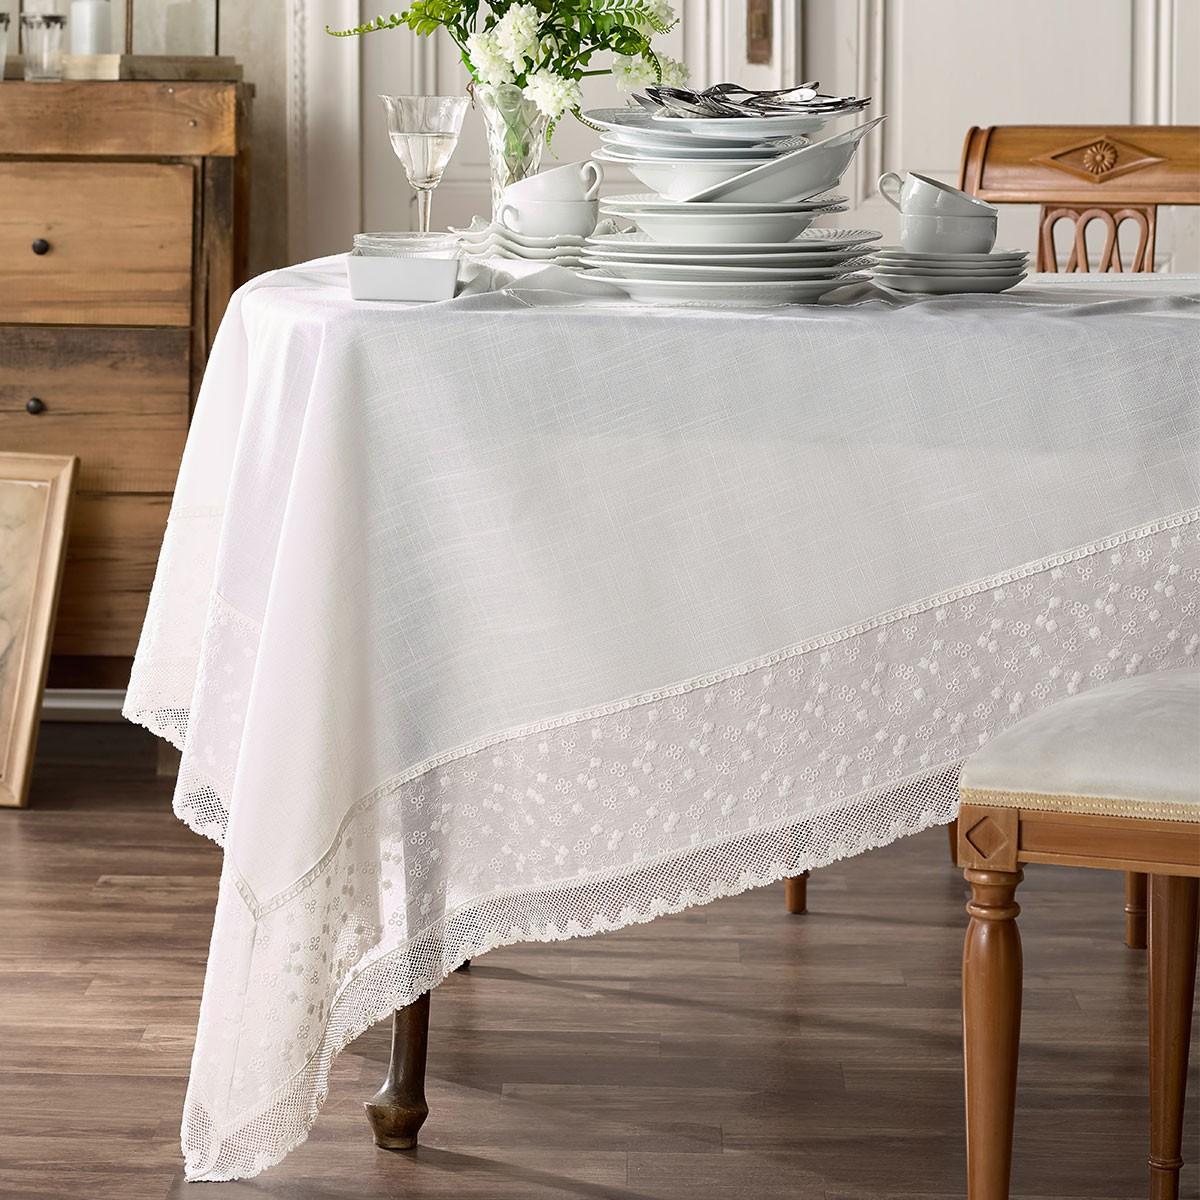 Τραπεζομάντηλο (150×220) Gofis Home Veil 326/05